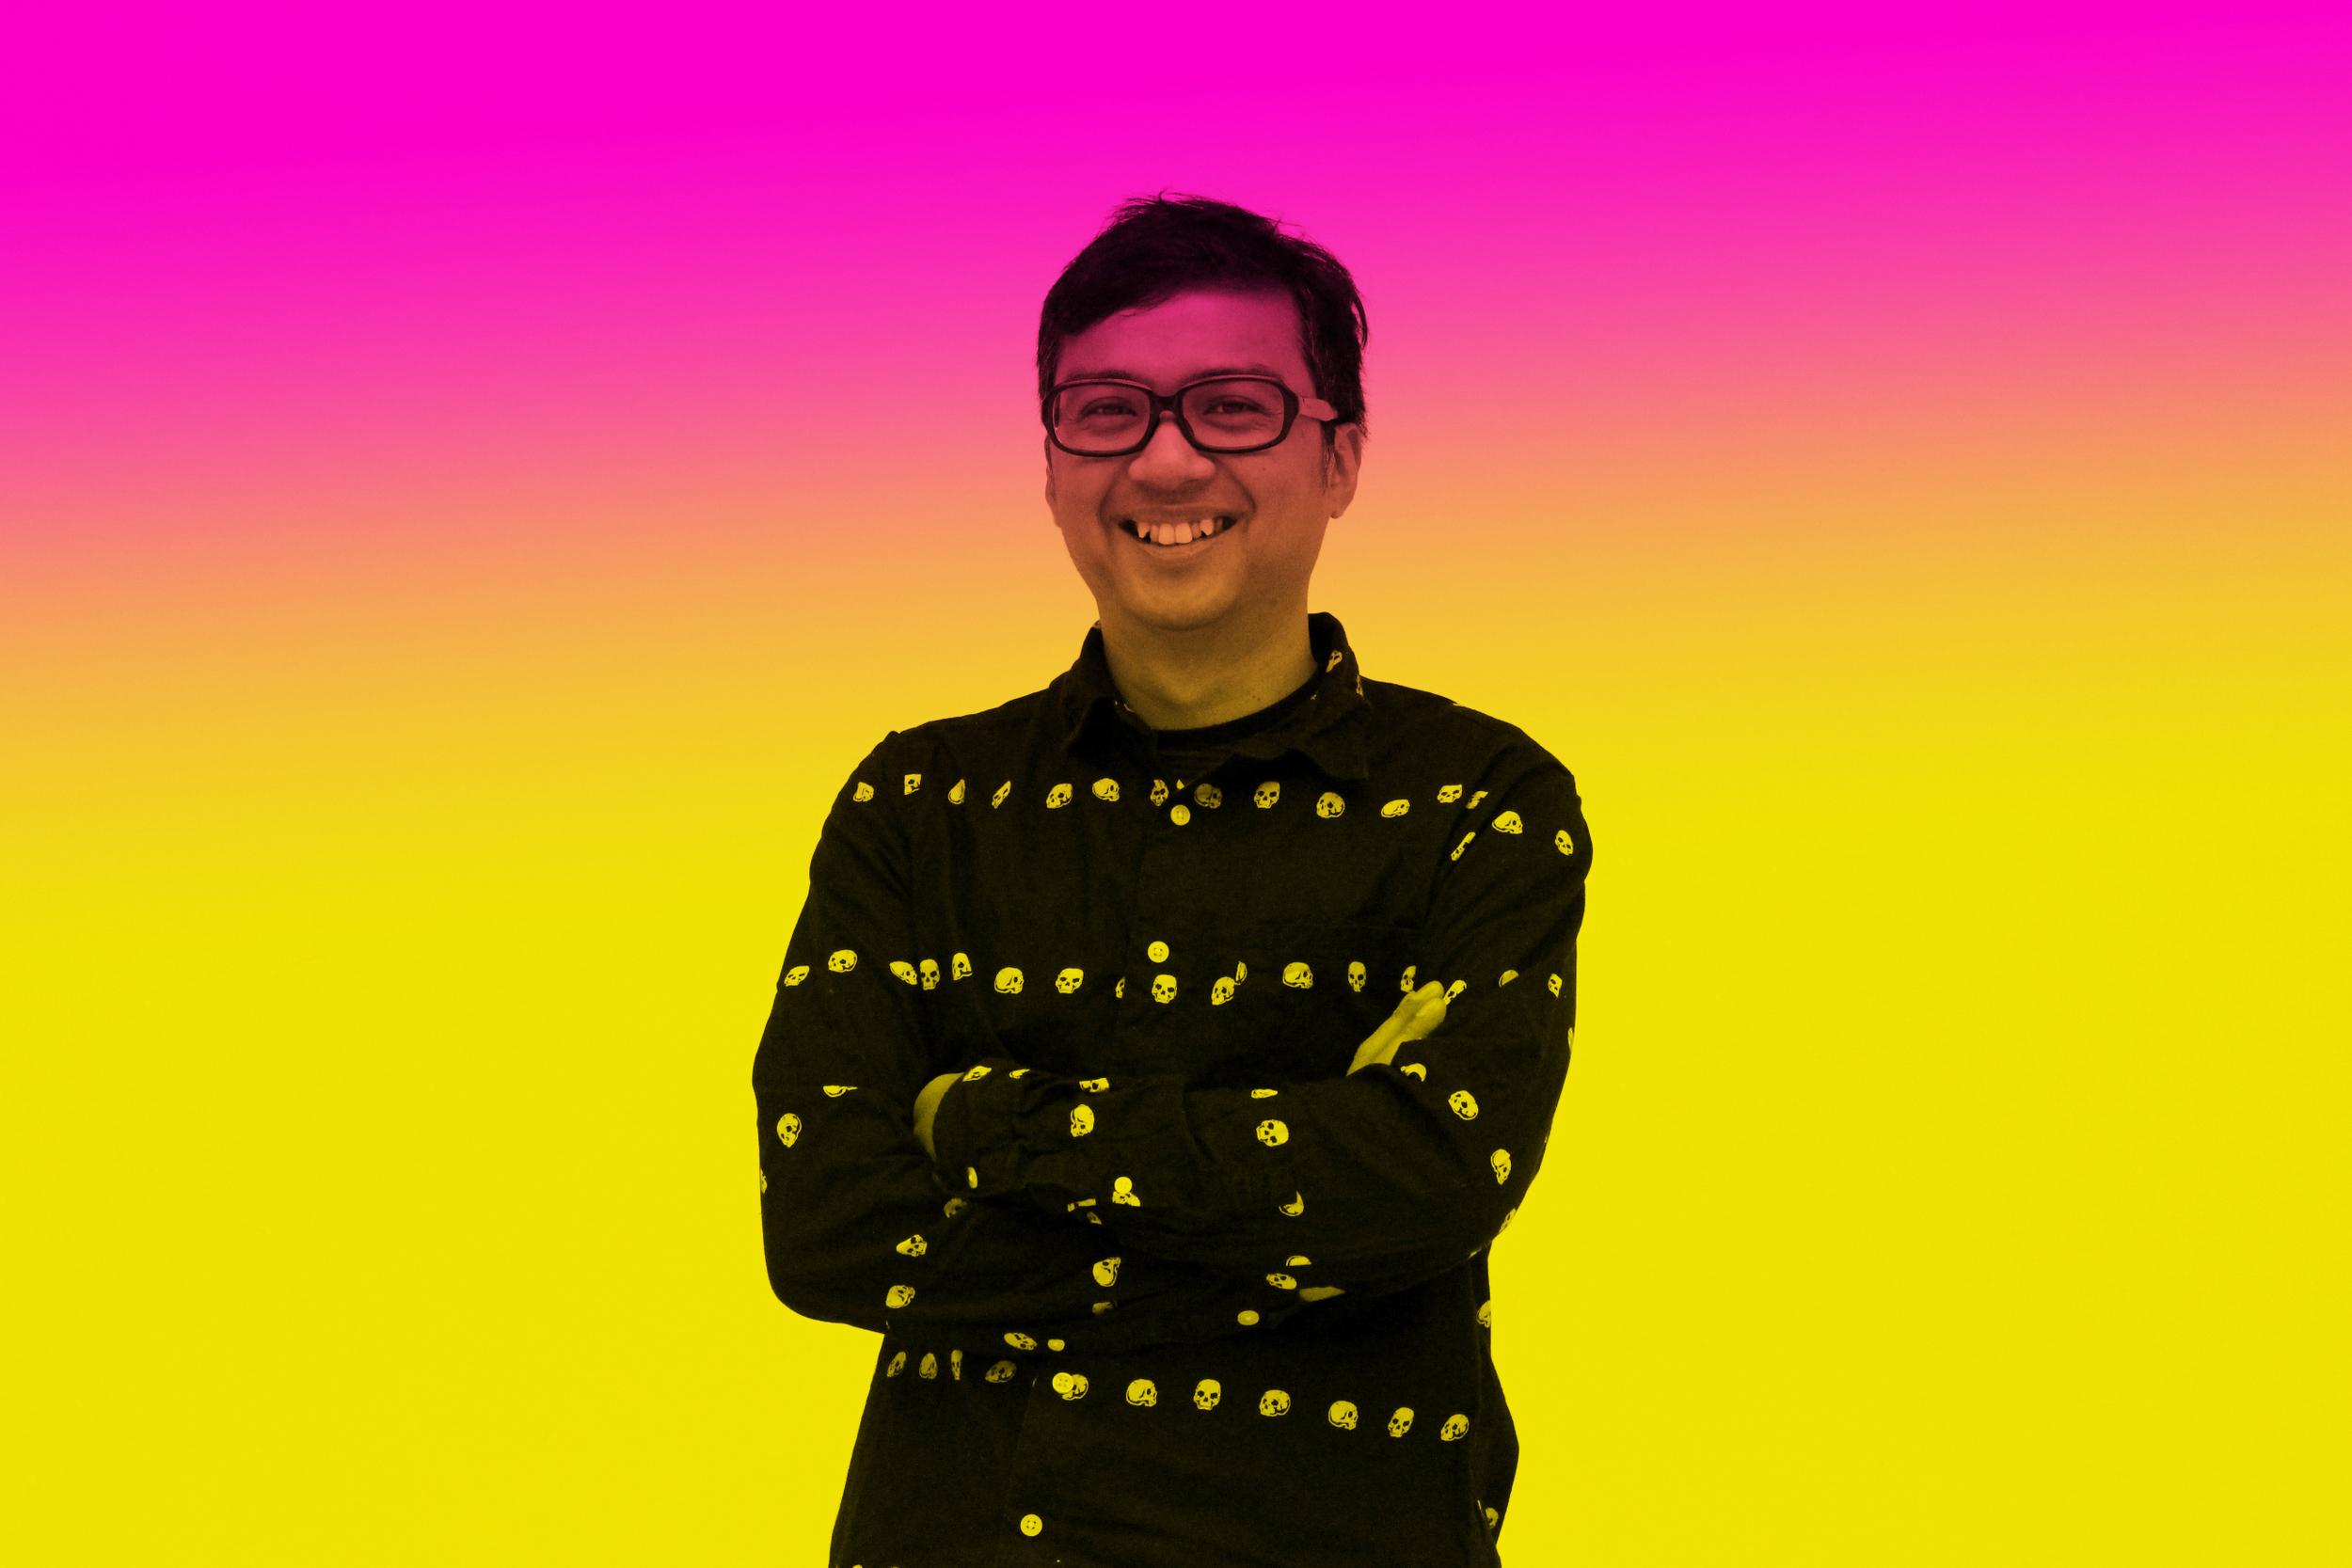 Khairuddin Hori